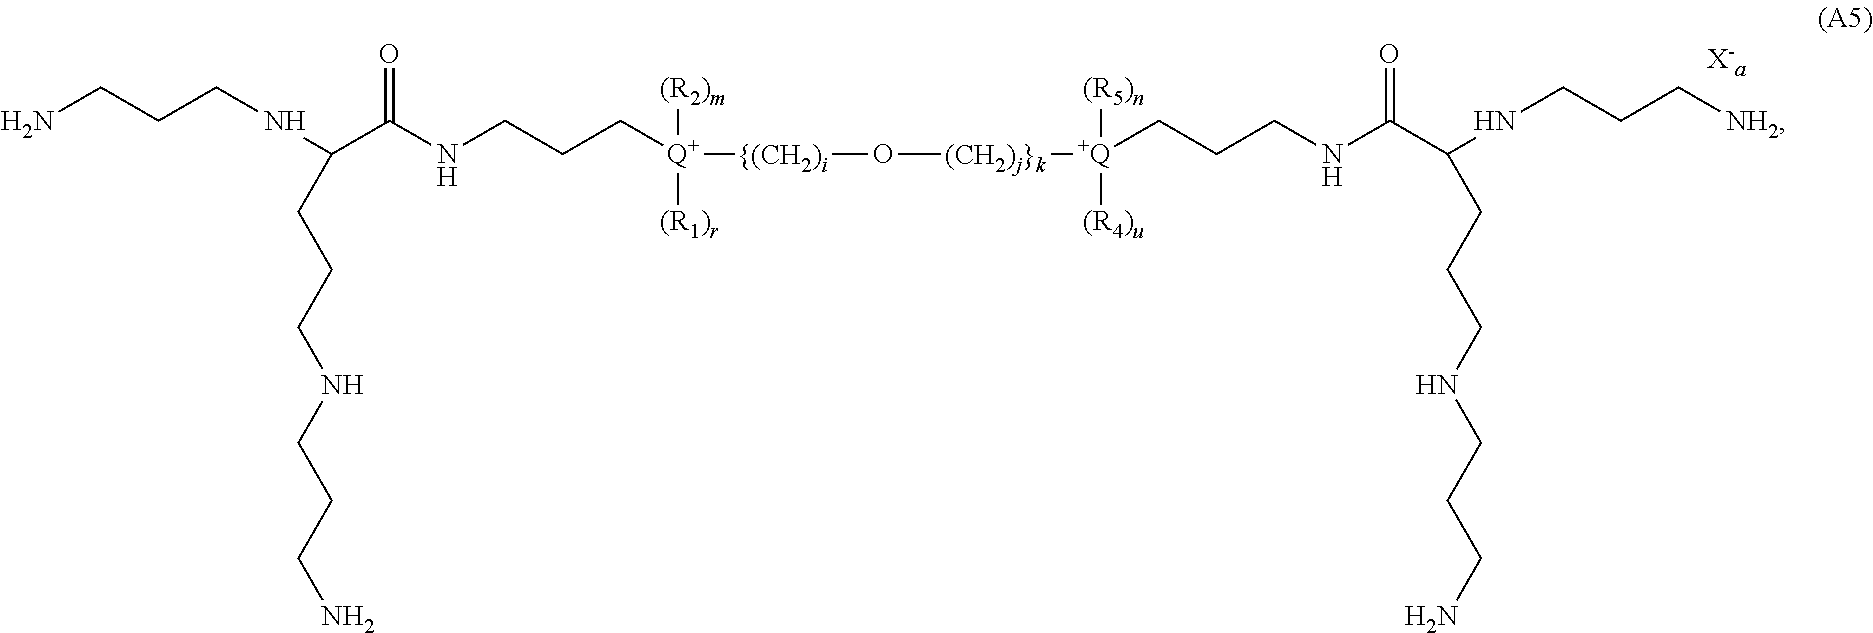 Figure US09358300-20160607-C00019